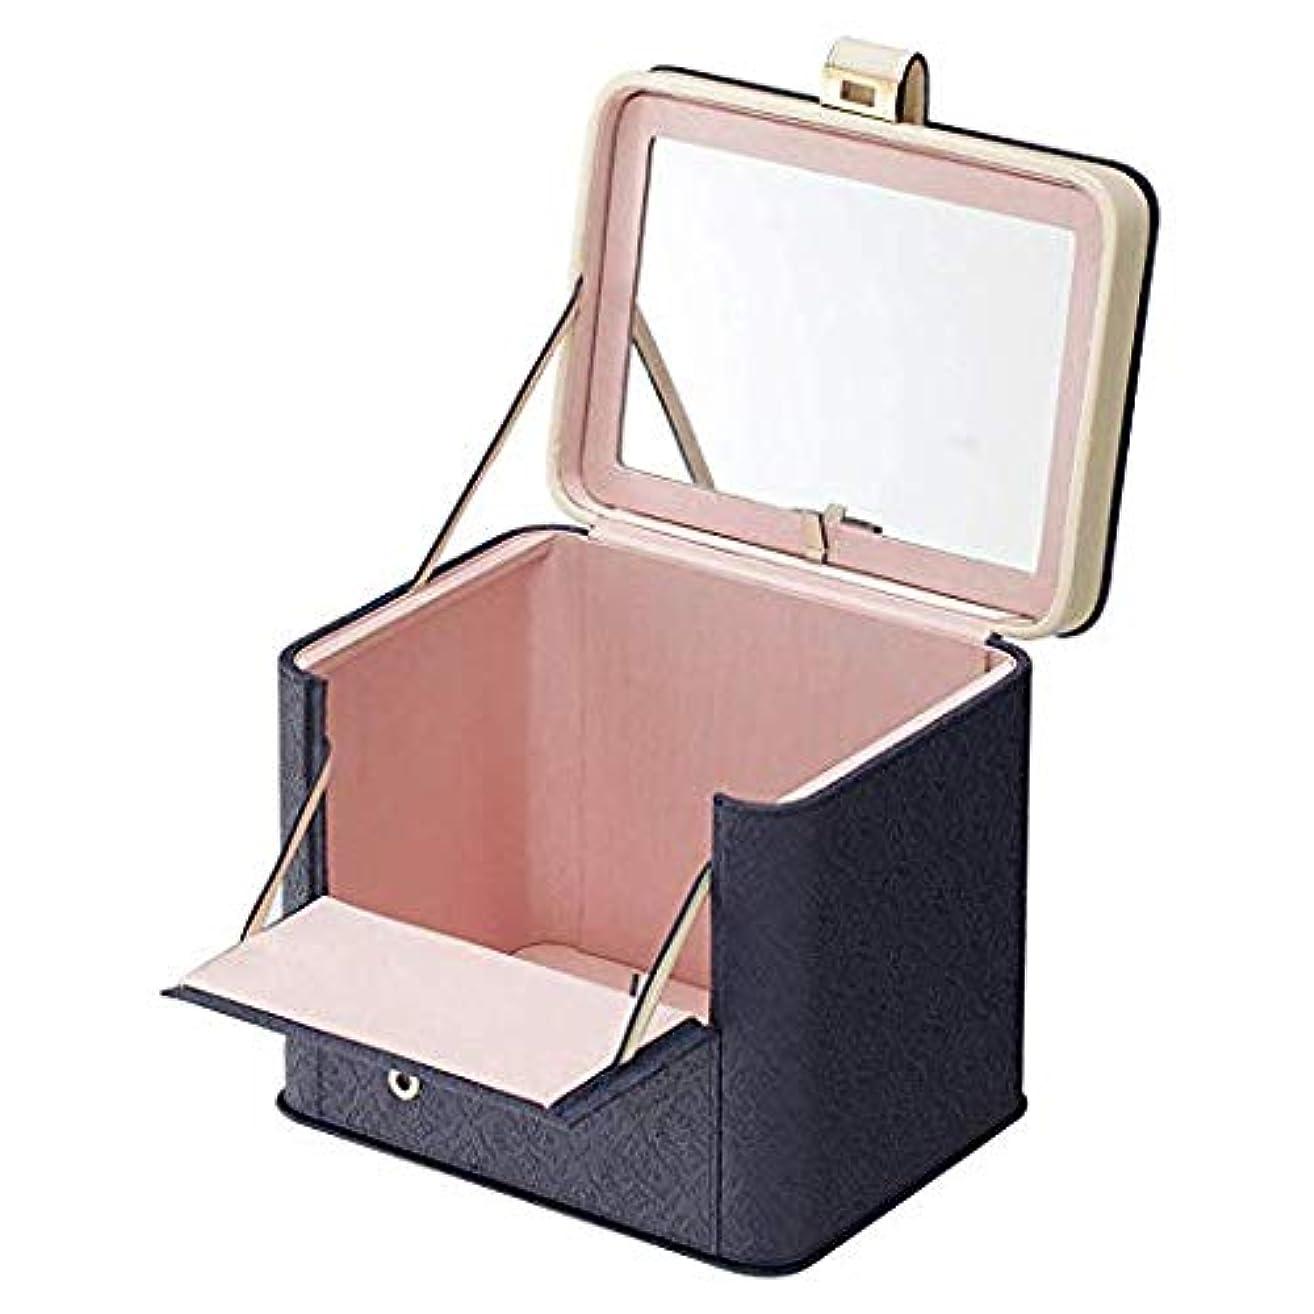 暖かさパニック不安定な鏡付き メイクボックス アラベスク 三面鏡 バニティ 大容量 コスメボックス おしゃれ 激安 木製 激安 かわいい メイクボックス ブランド 人気 (ロイヤルネイビー)